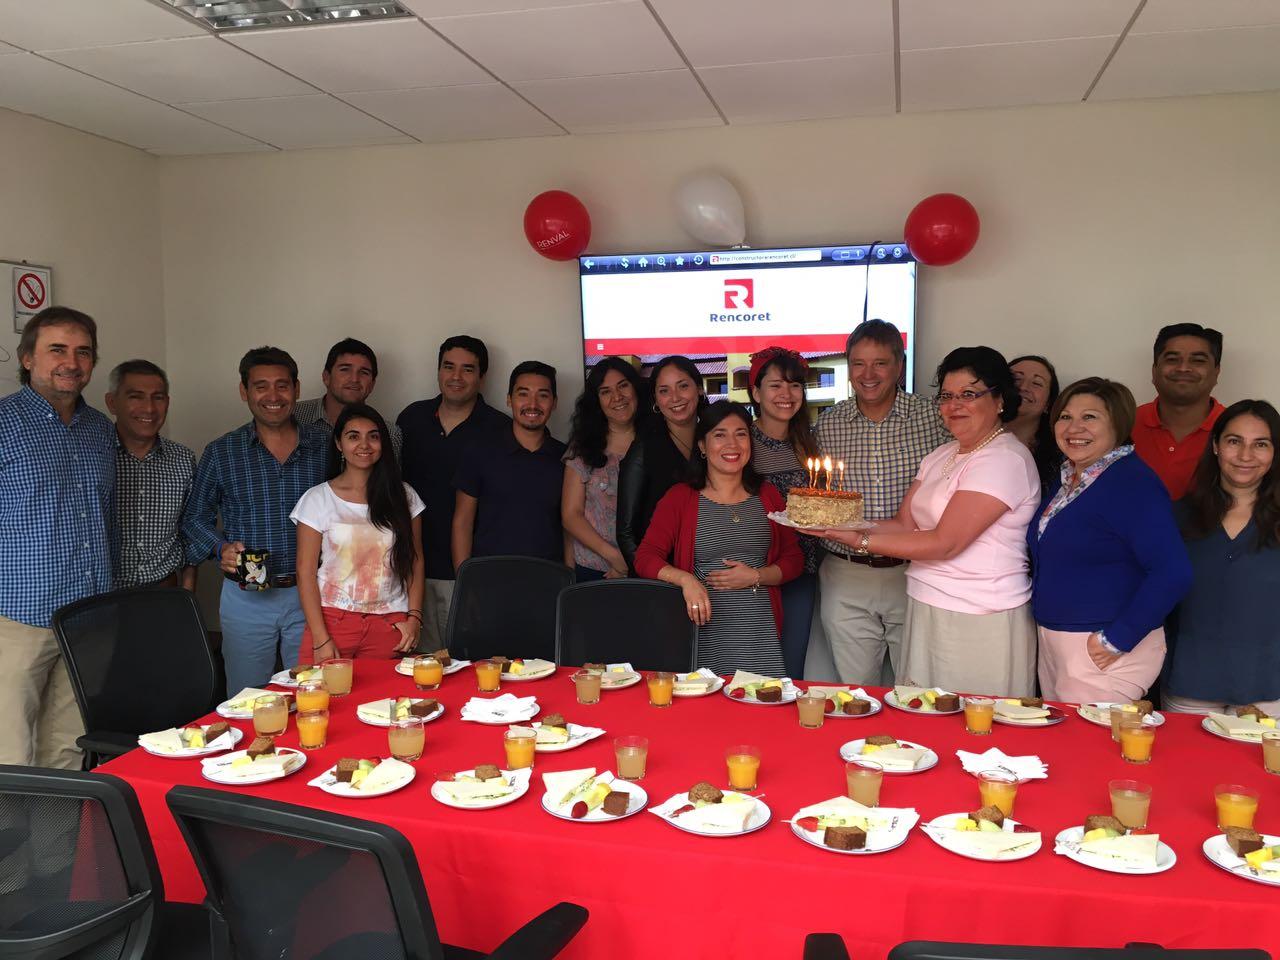 Constructora-Rencoret-cumpleaños-trabajadores